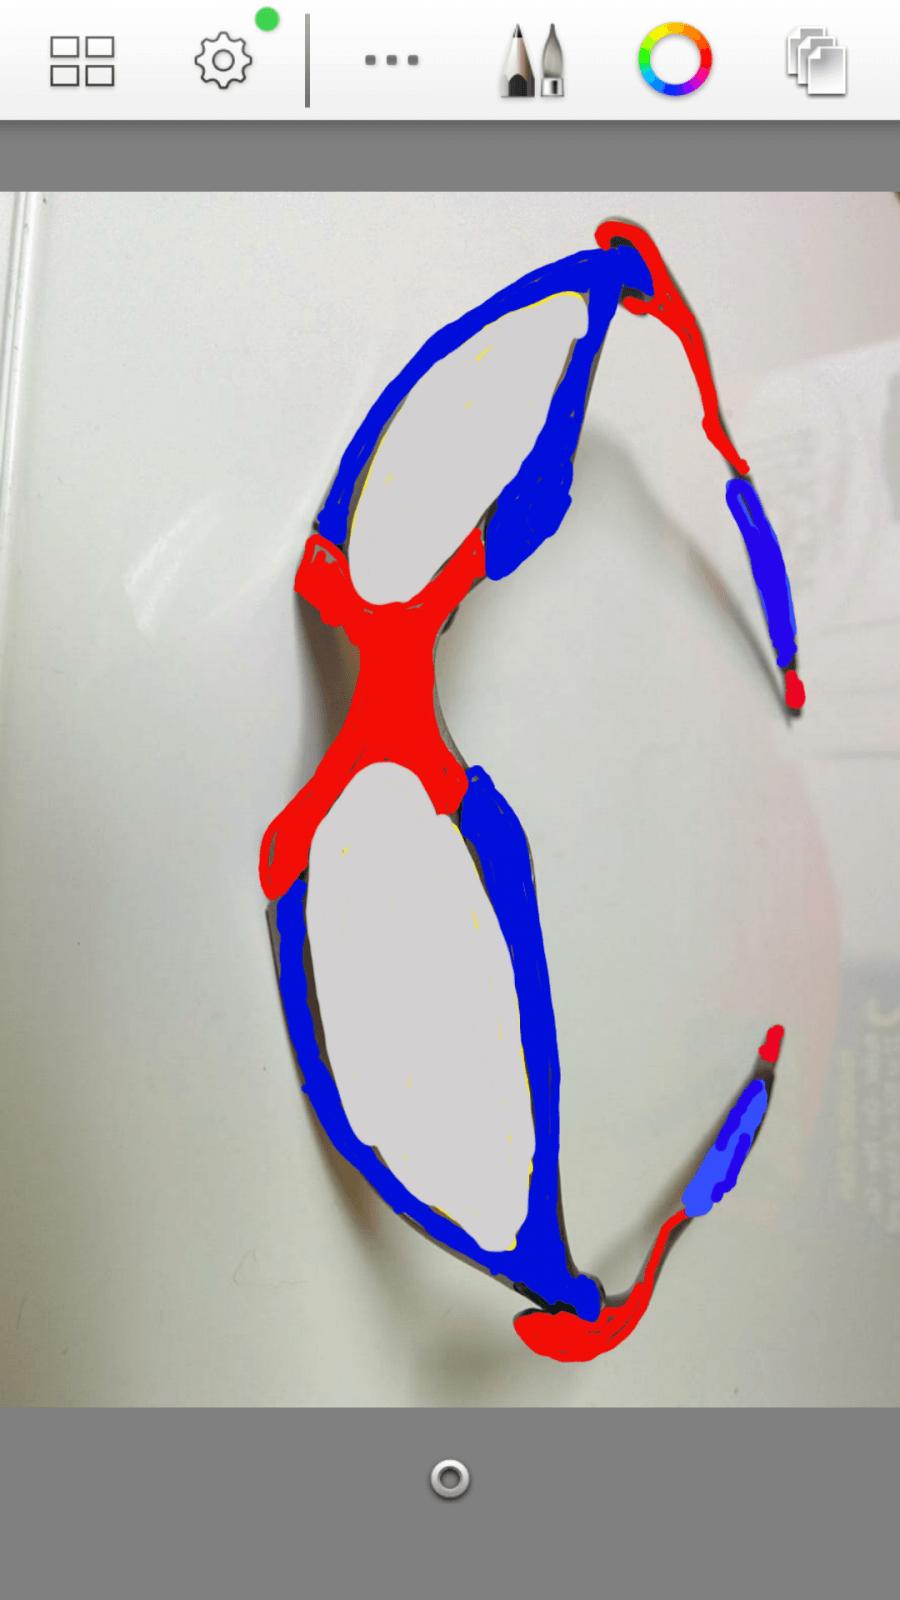 Custom Romeo Spiderman Or Superman Ironman X-Metal ? - Screenshot_2014-08-14-09-14-47.png